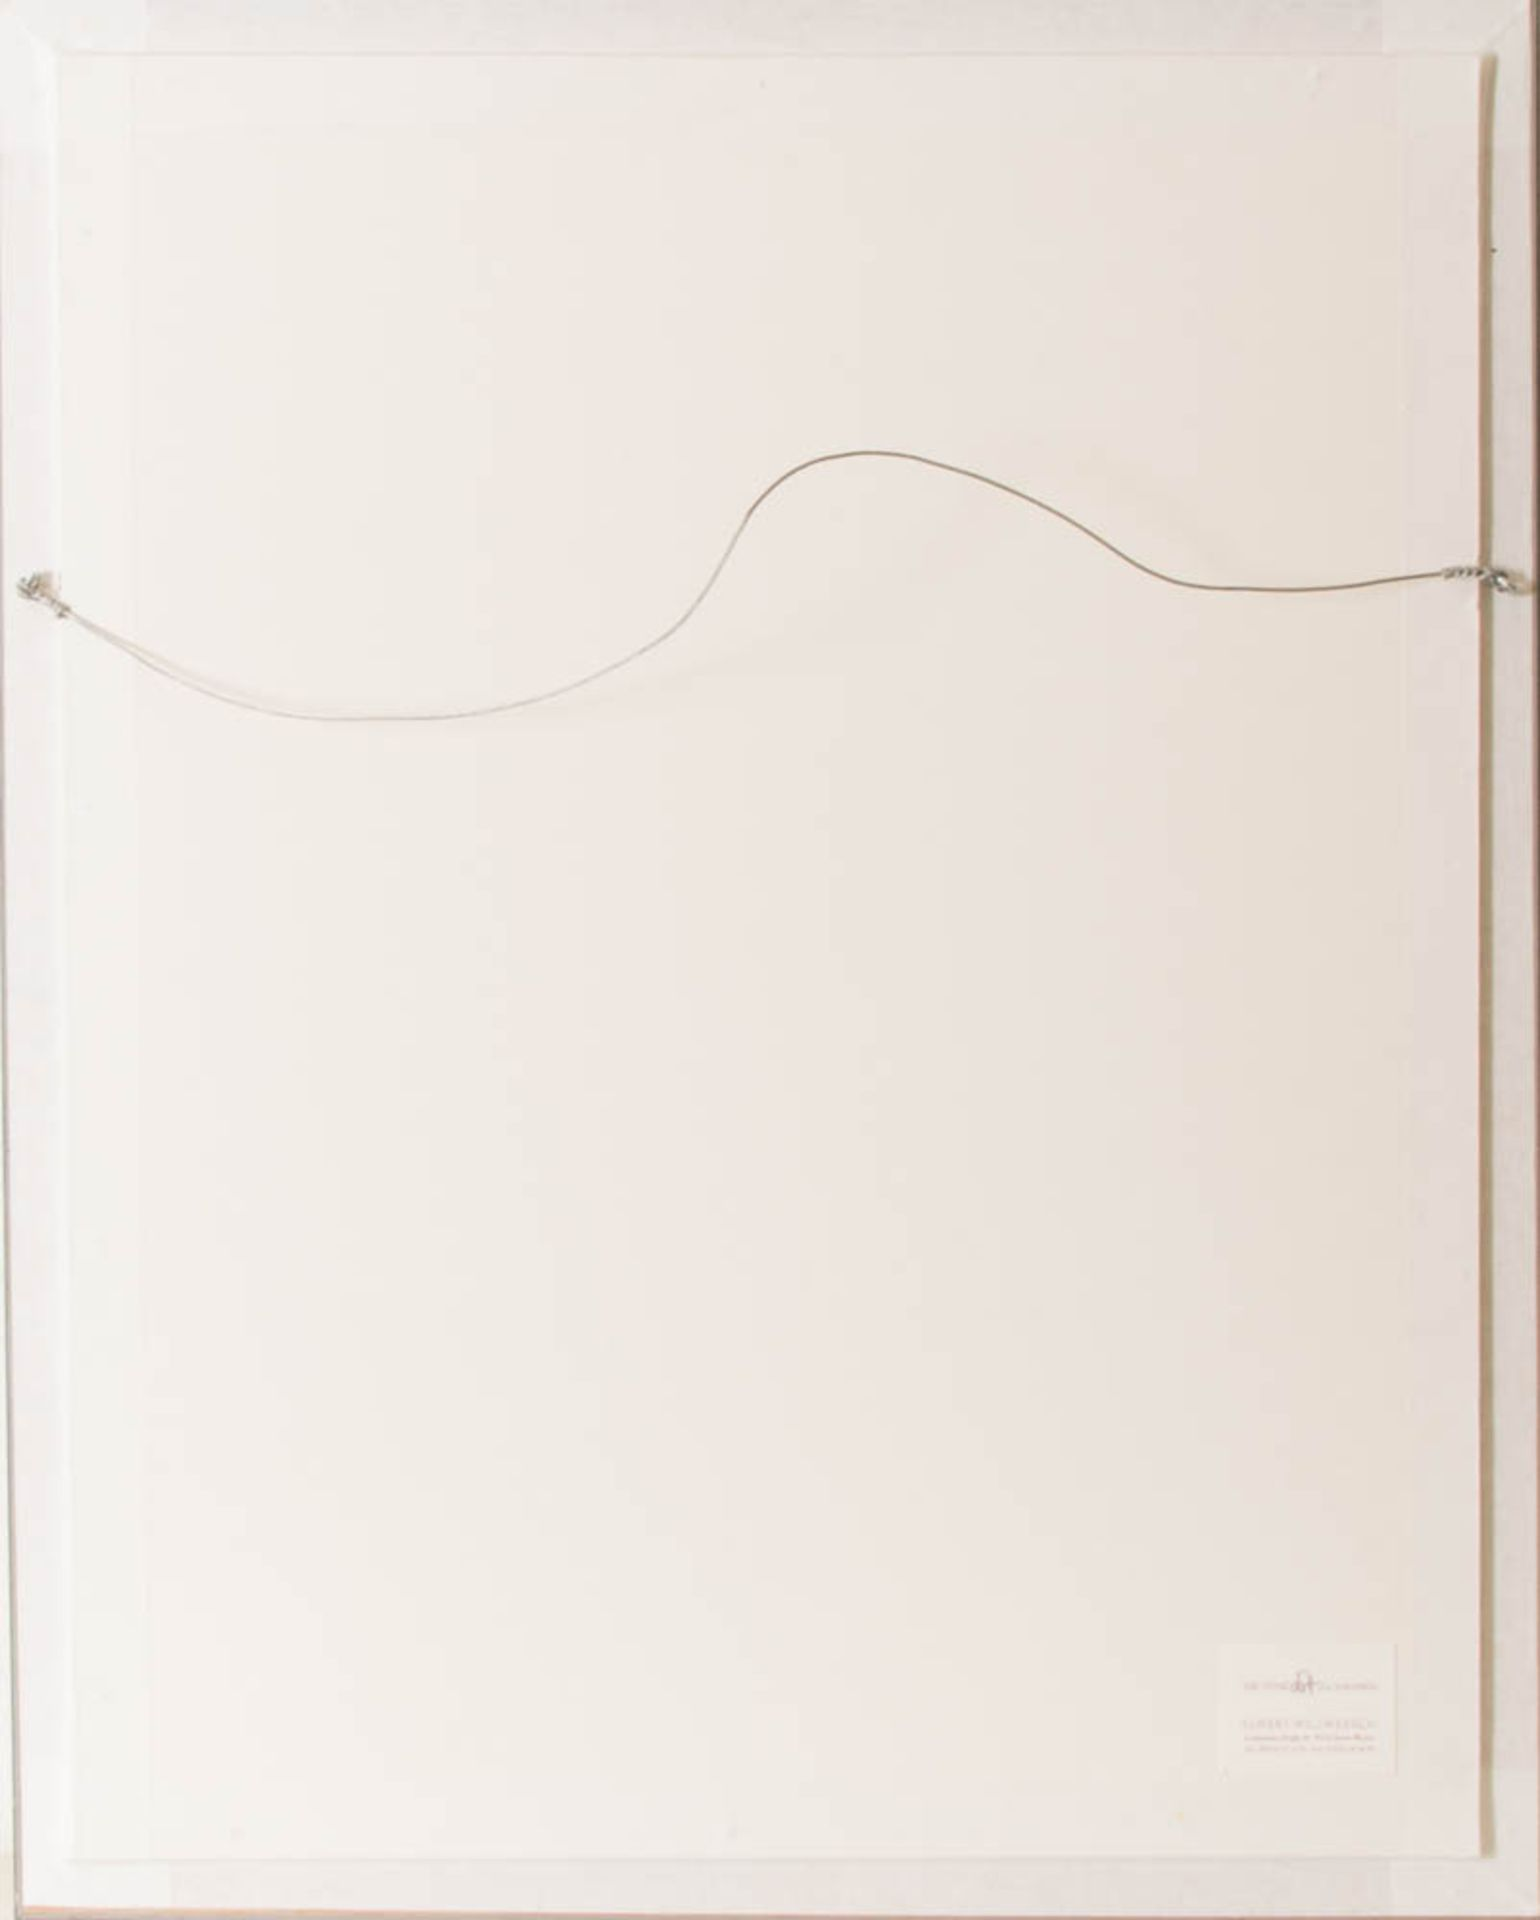 Monogrammiert IK, Frauenportait, Pastell auf Karton, 20. Jh.Wunderschön gerahmt, link - Bild 4 aus 4